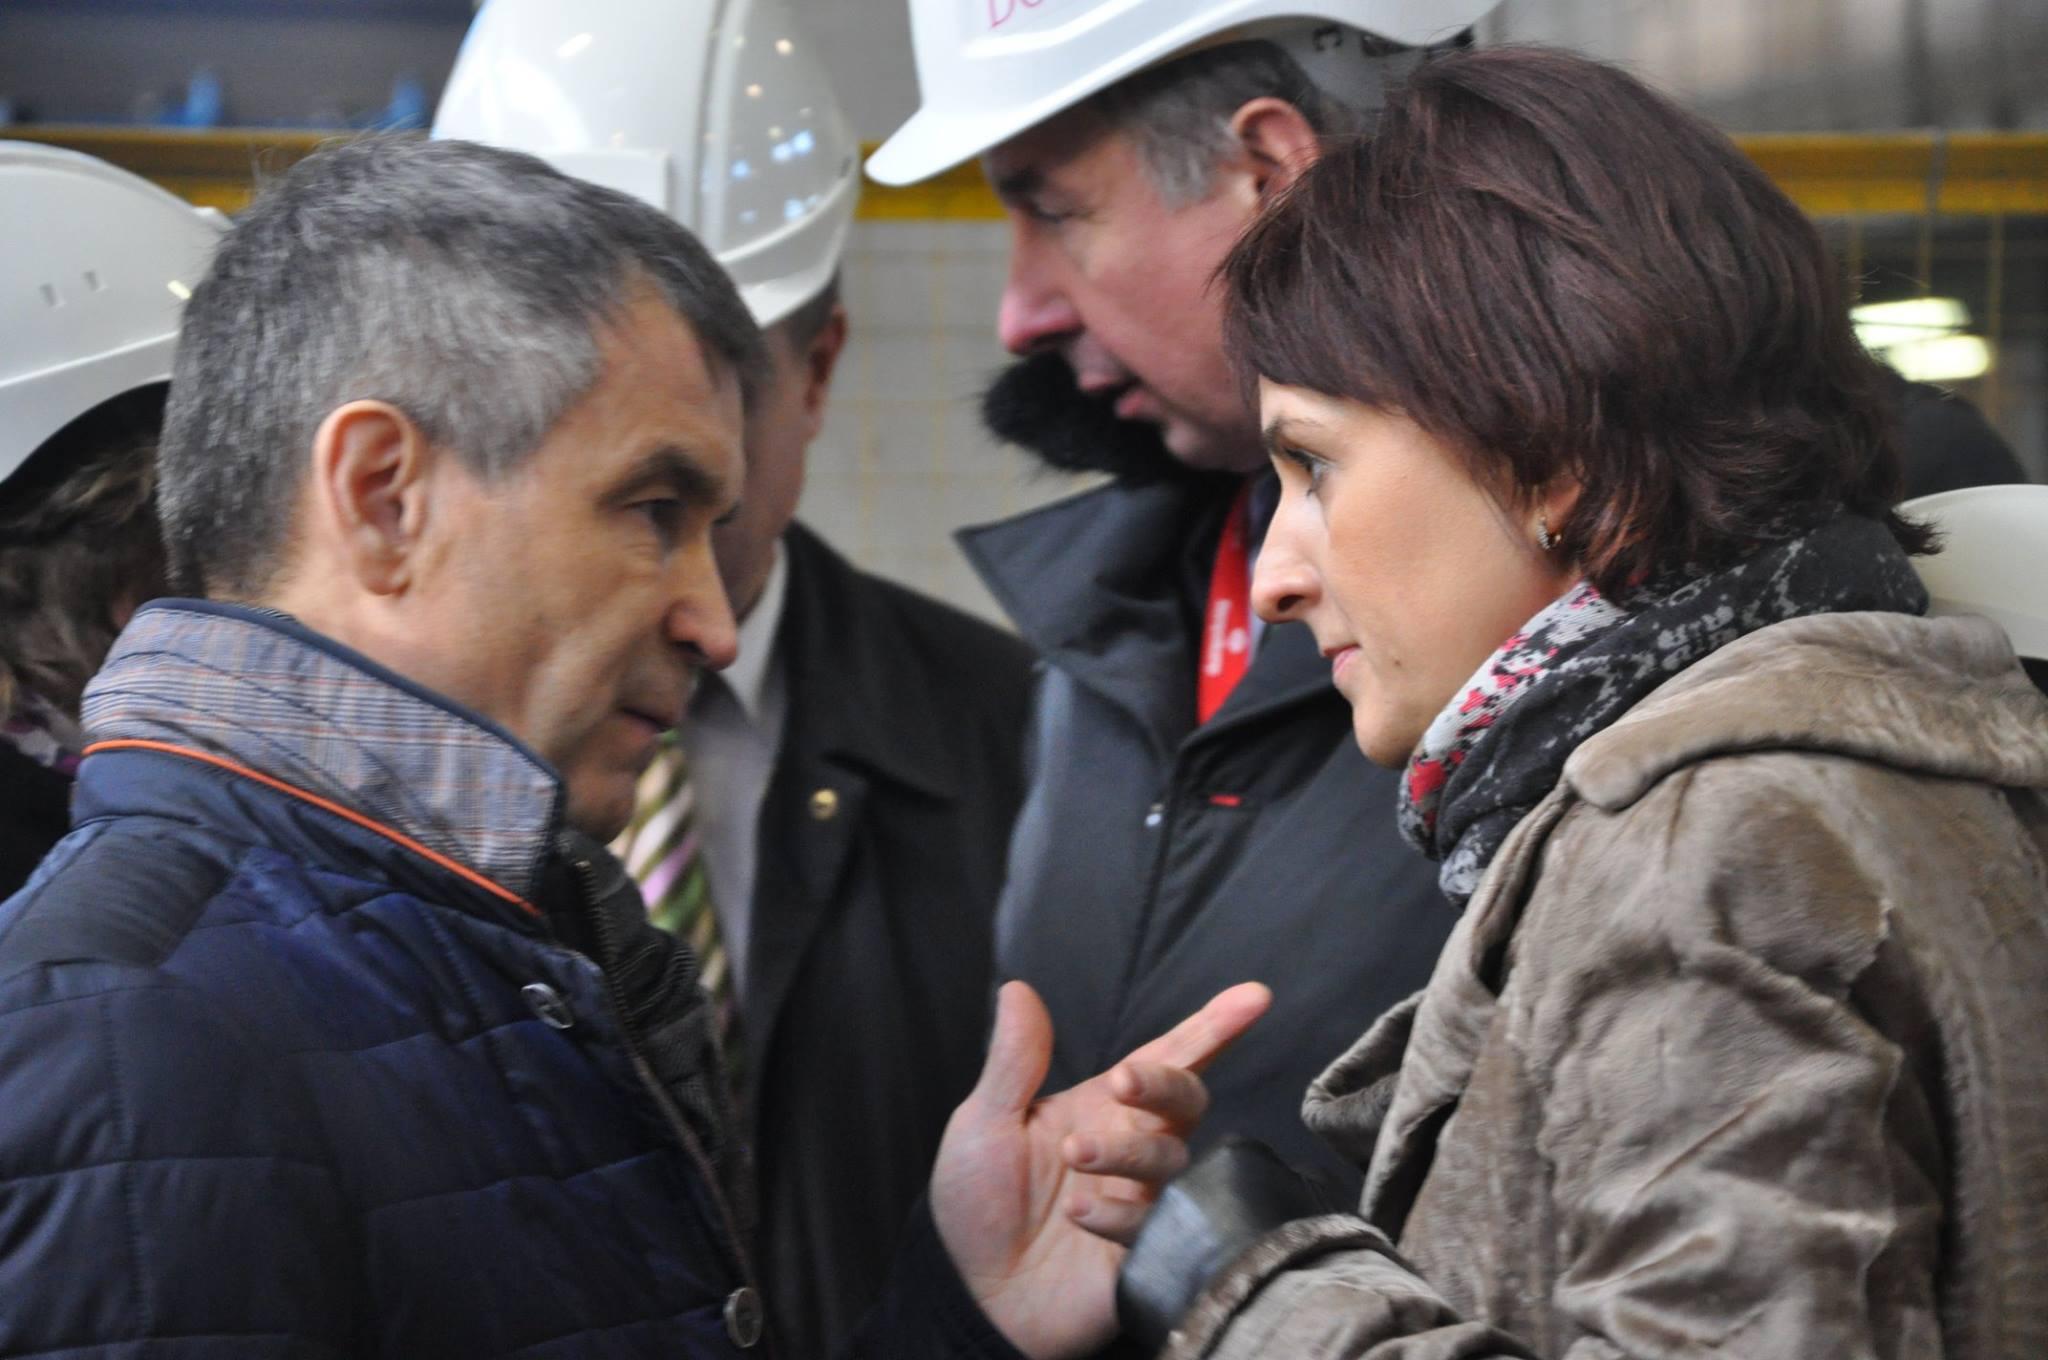 Рашид Нургалиев и Галина Ширшина. Фото: администрация Петрозаводска